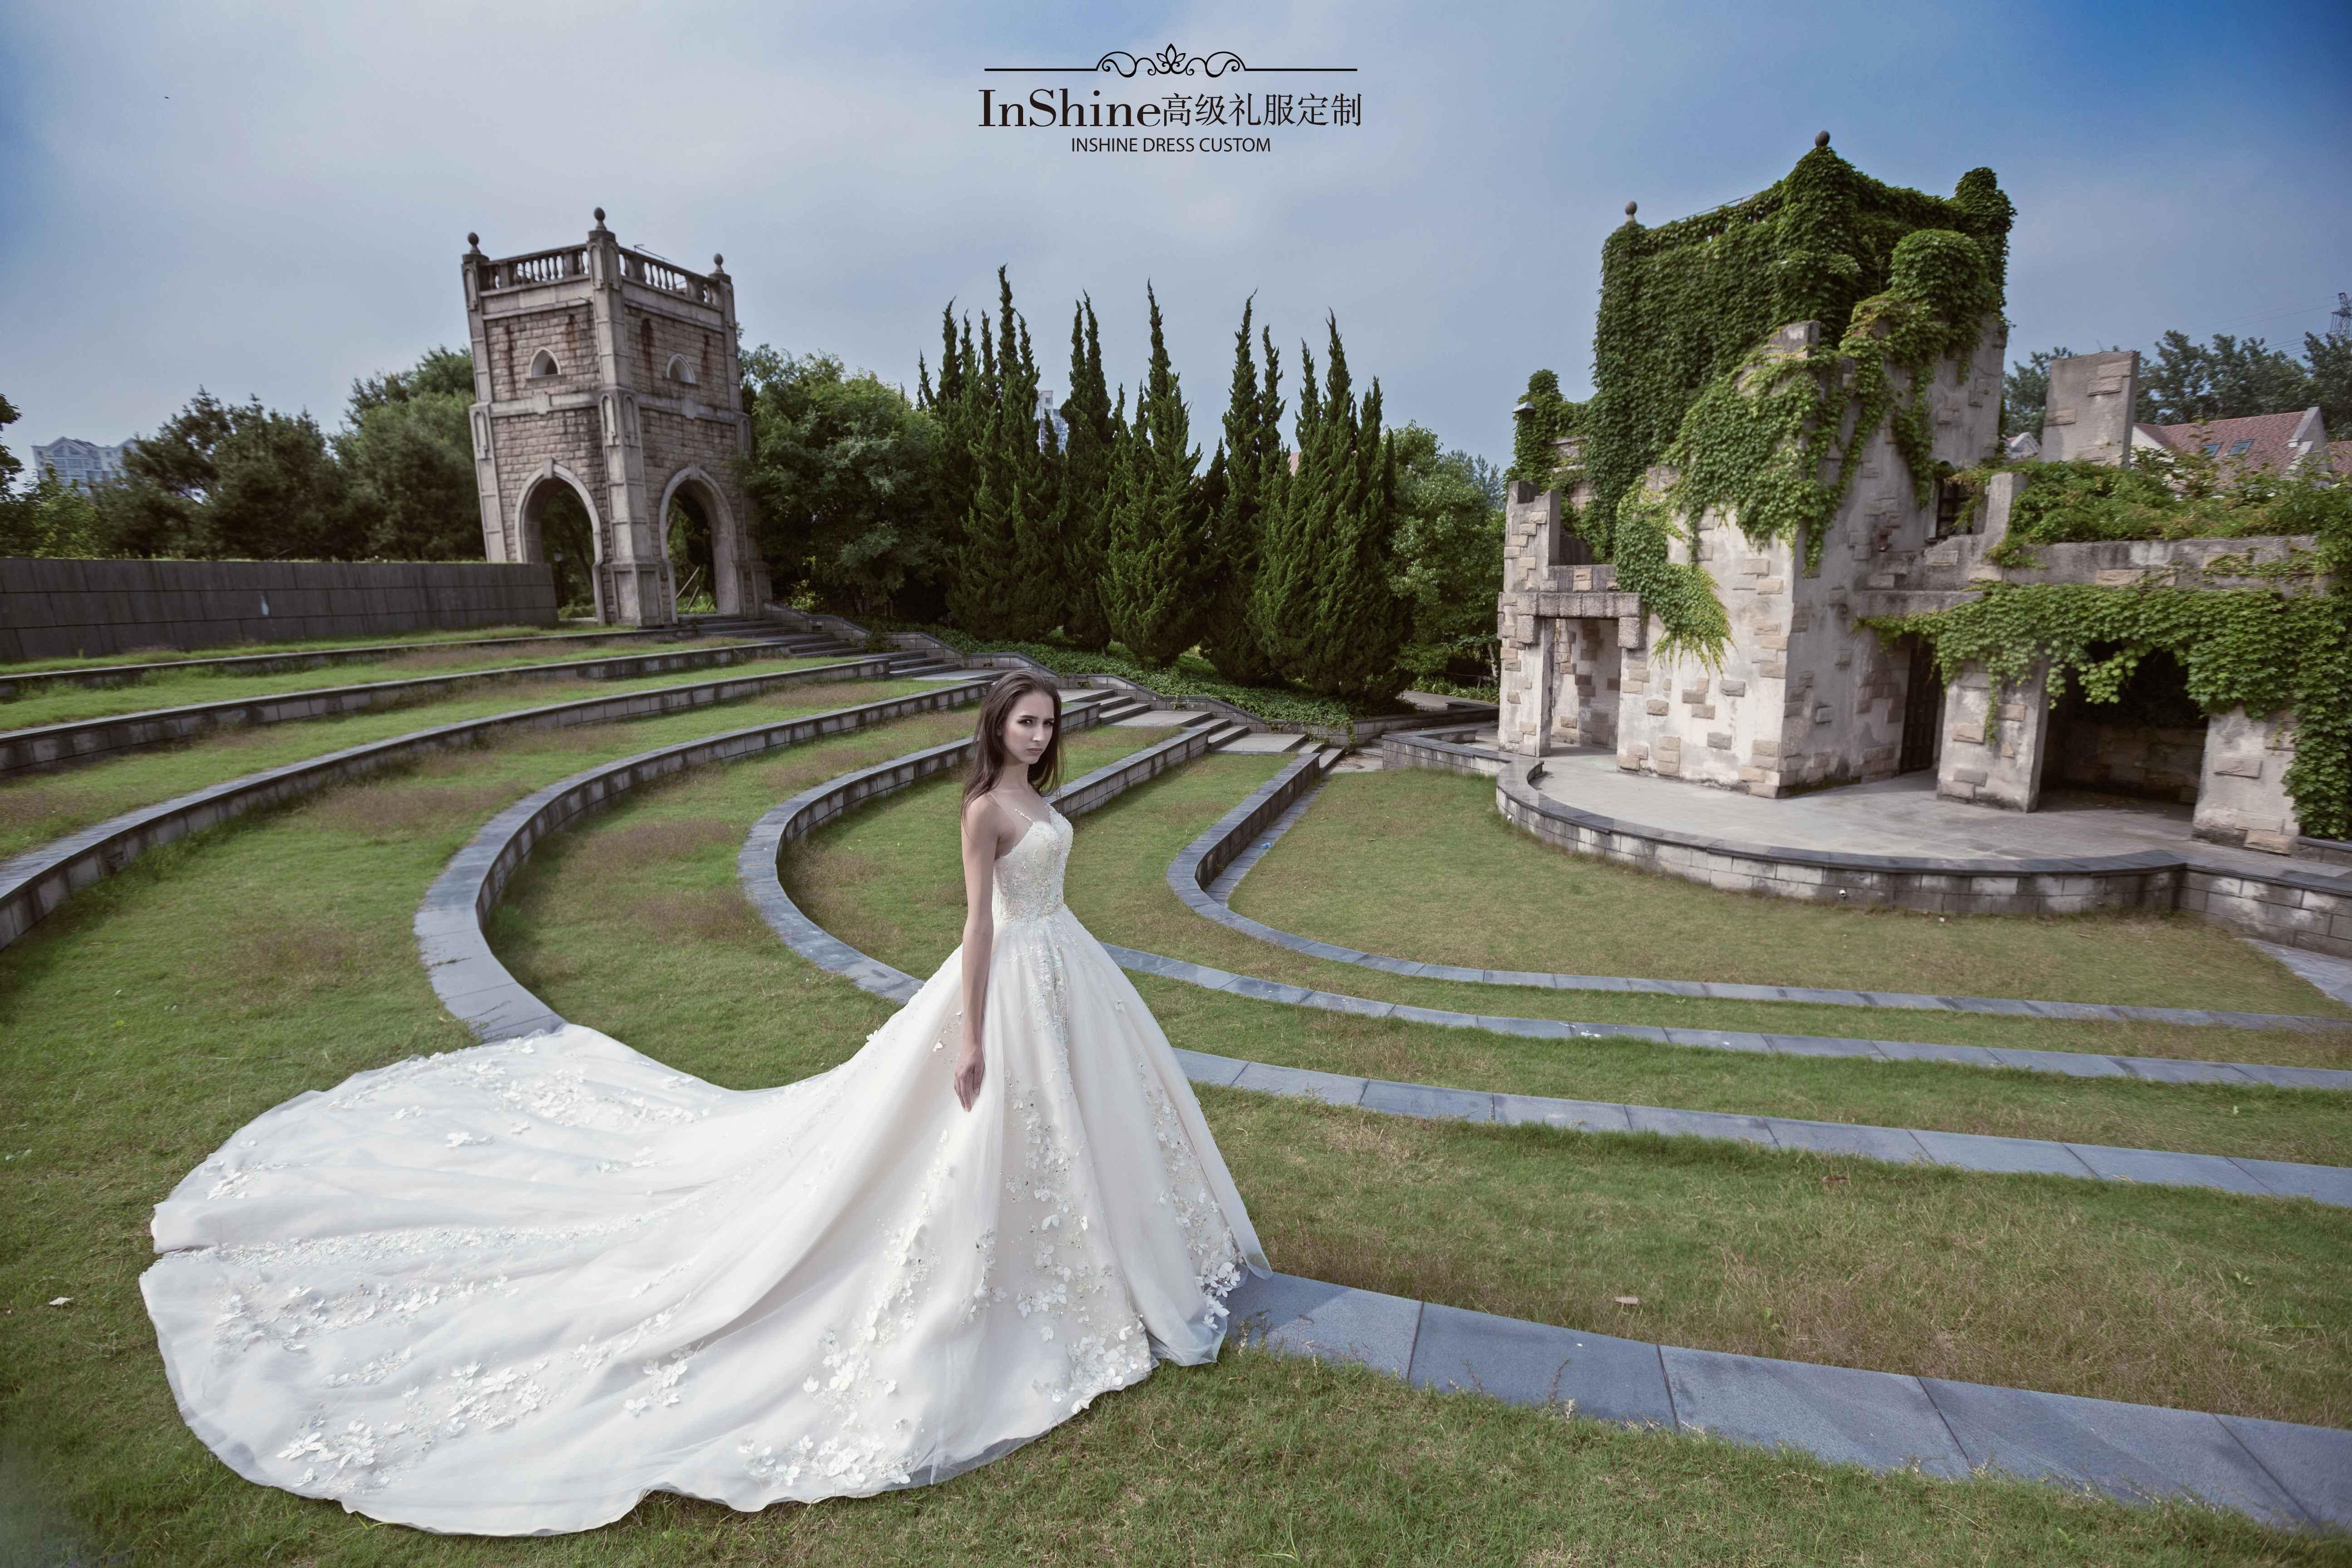 Model Factory Caucasian Female Model VanessaG